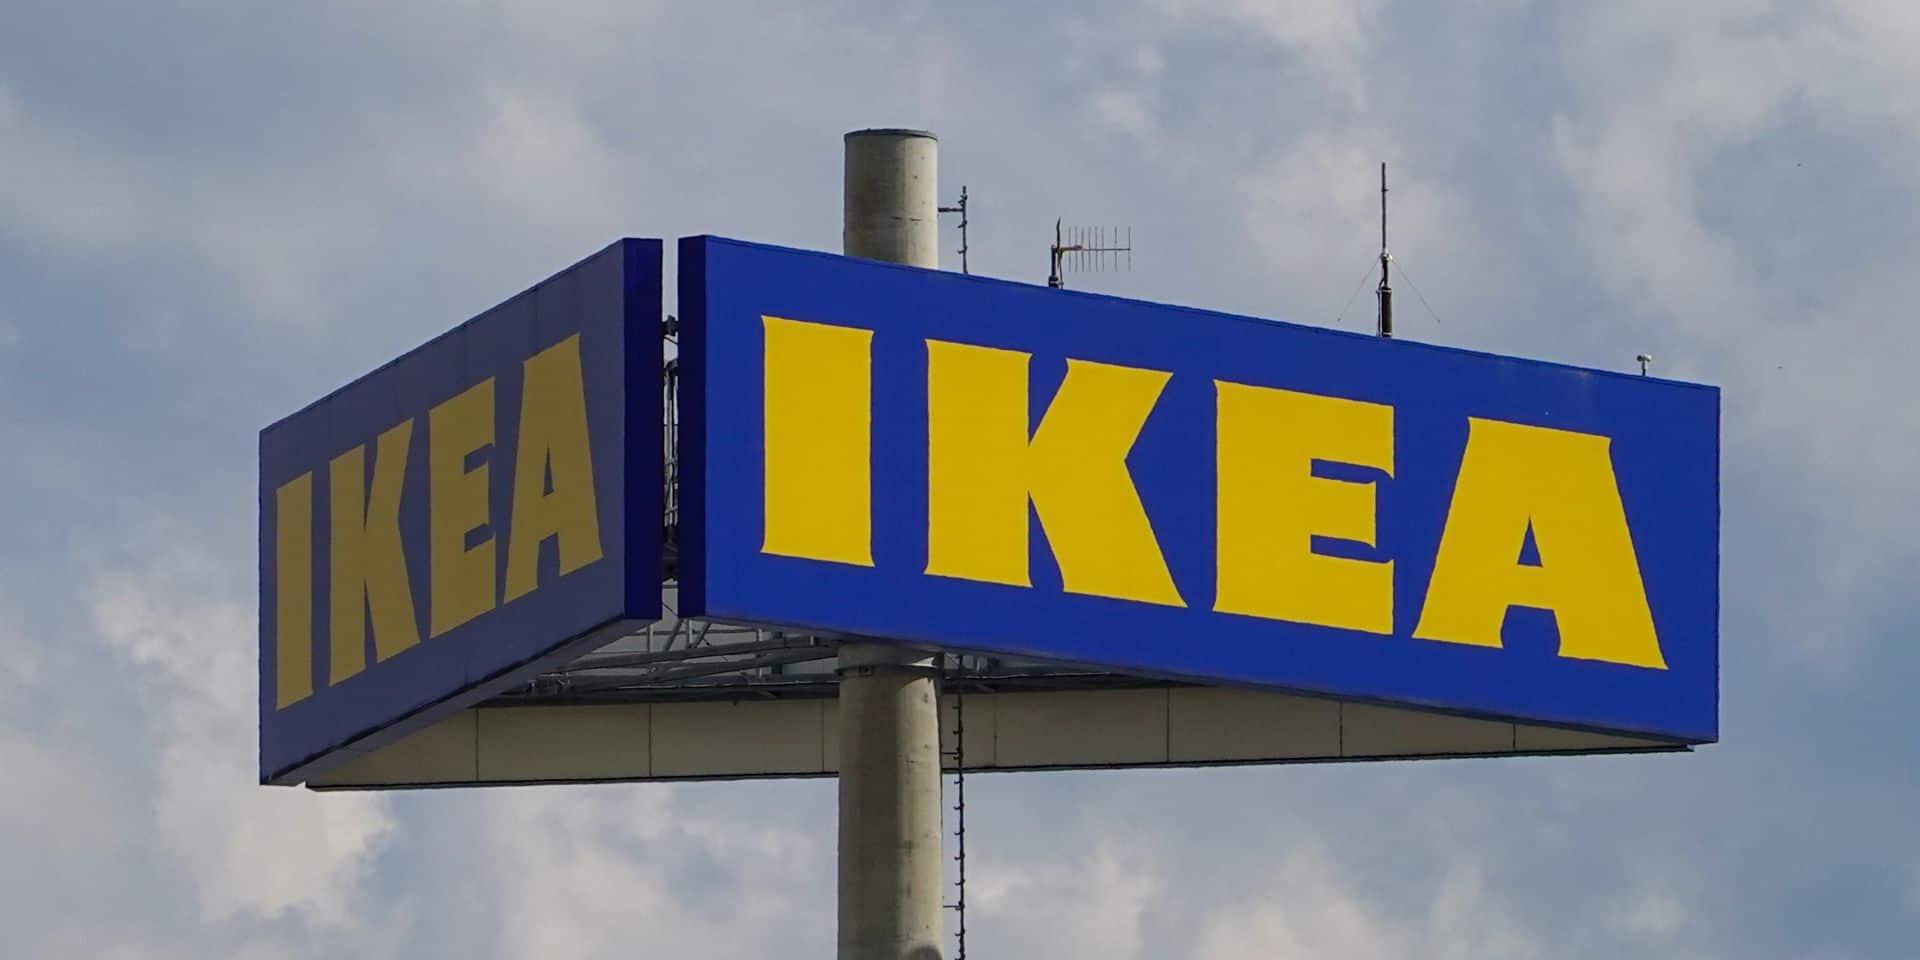 Ikea accusé d'utiliser le bois illégal de l'est européen